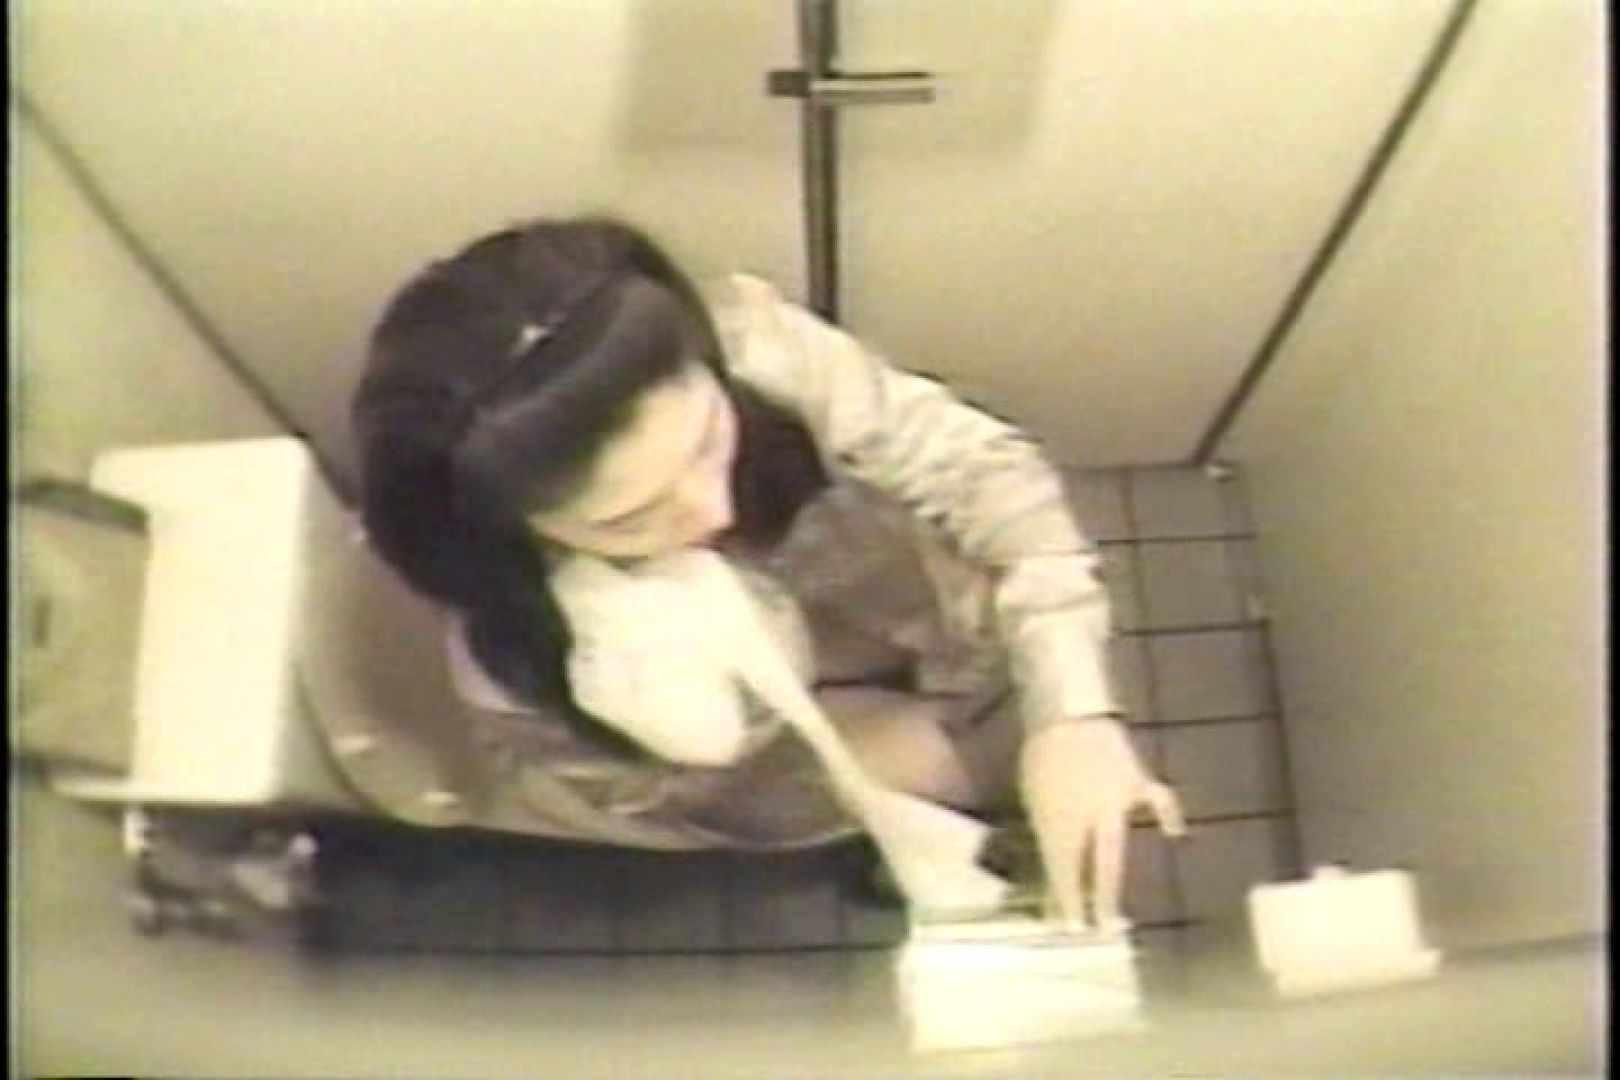 盗撮 女子洗面所3ヶ所入ってしゃがんで音出して 洗面所 オマンコ動画キャプチャ 82枚